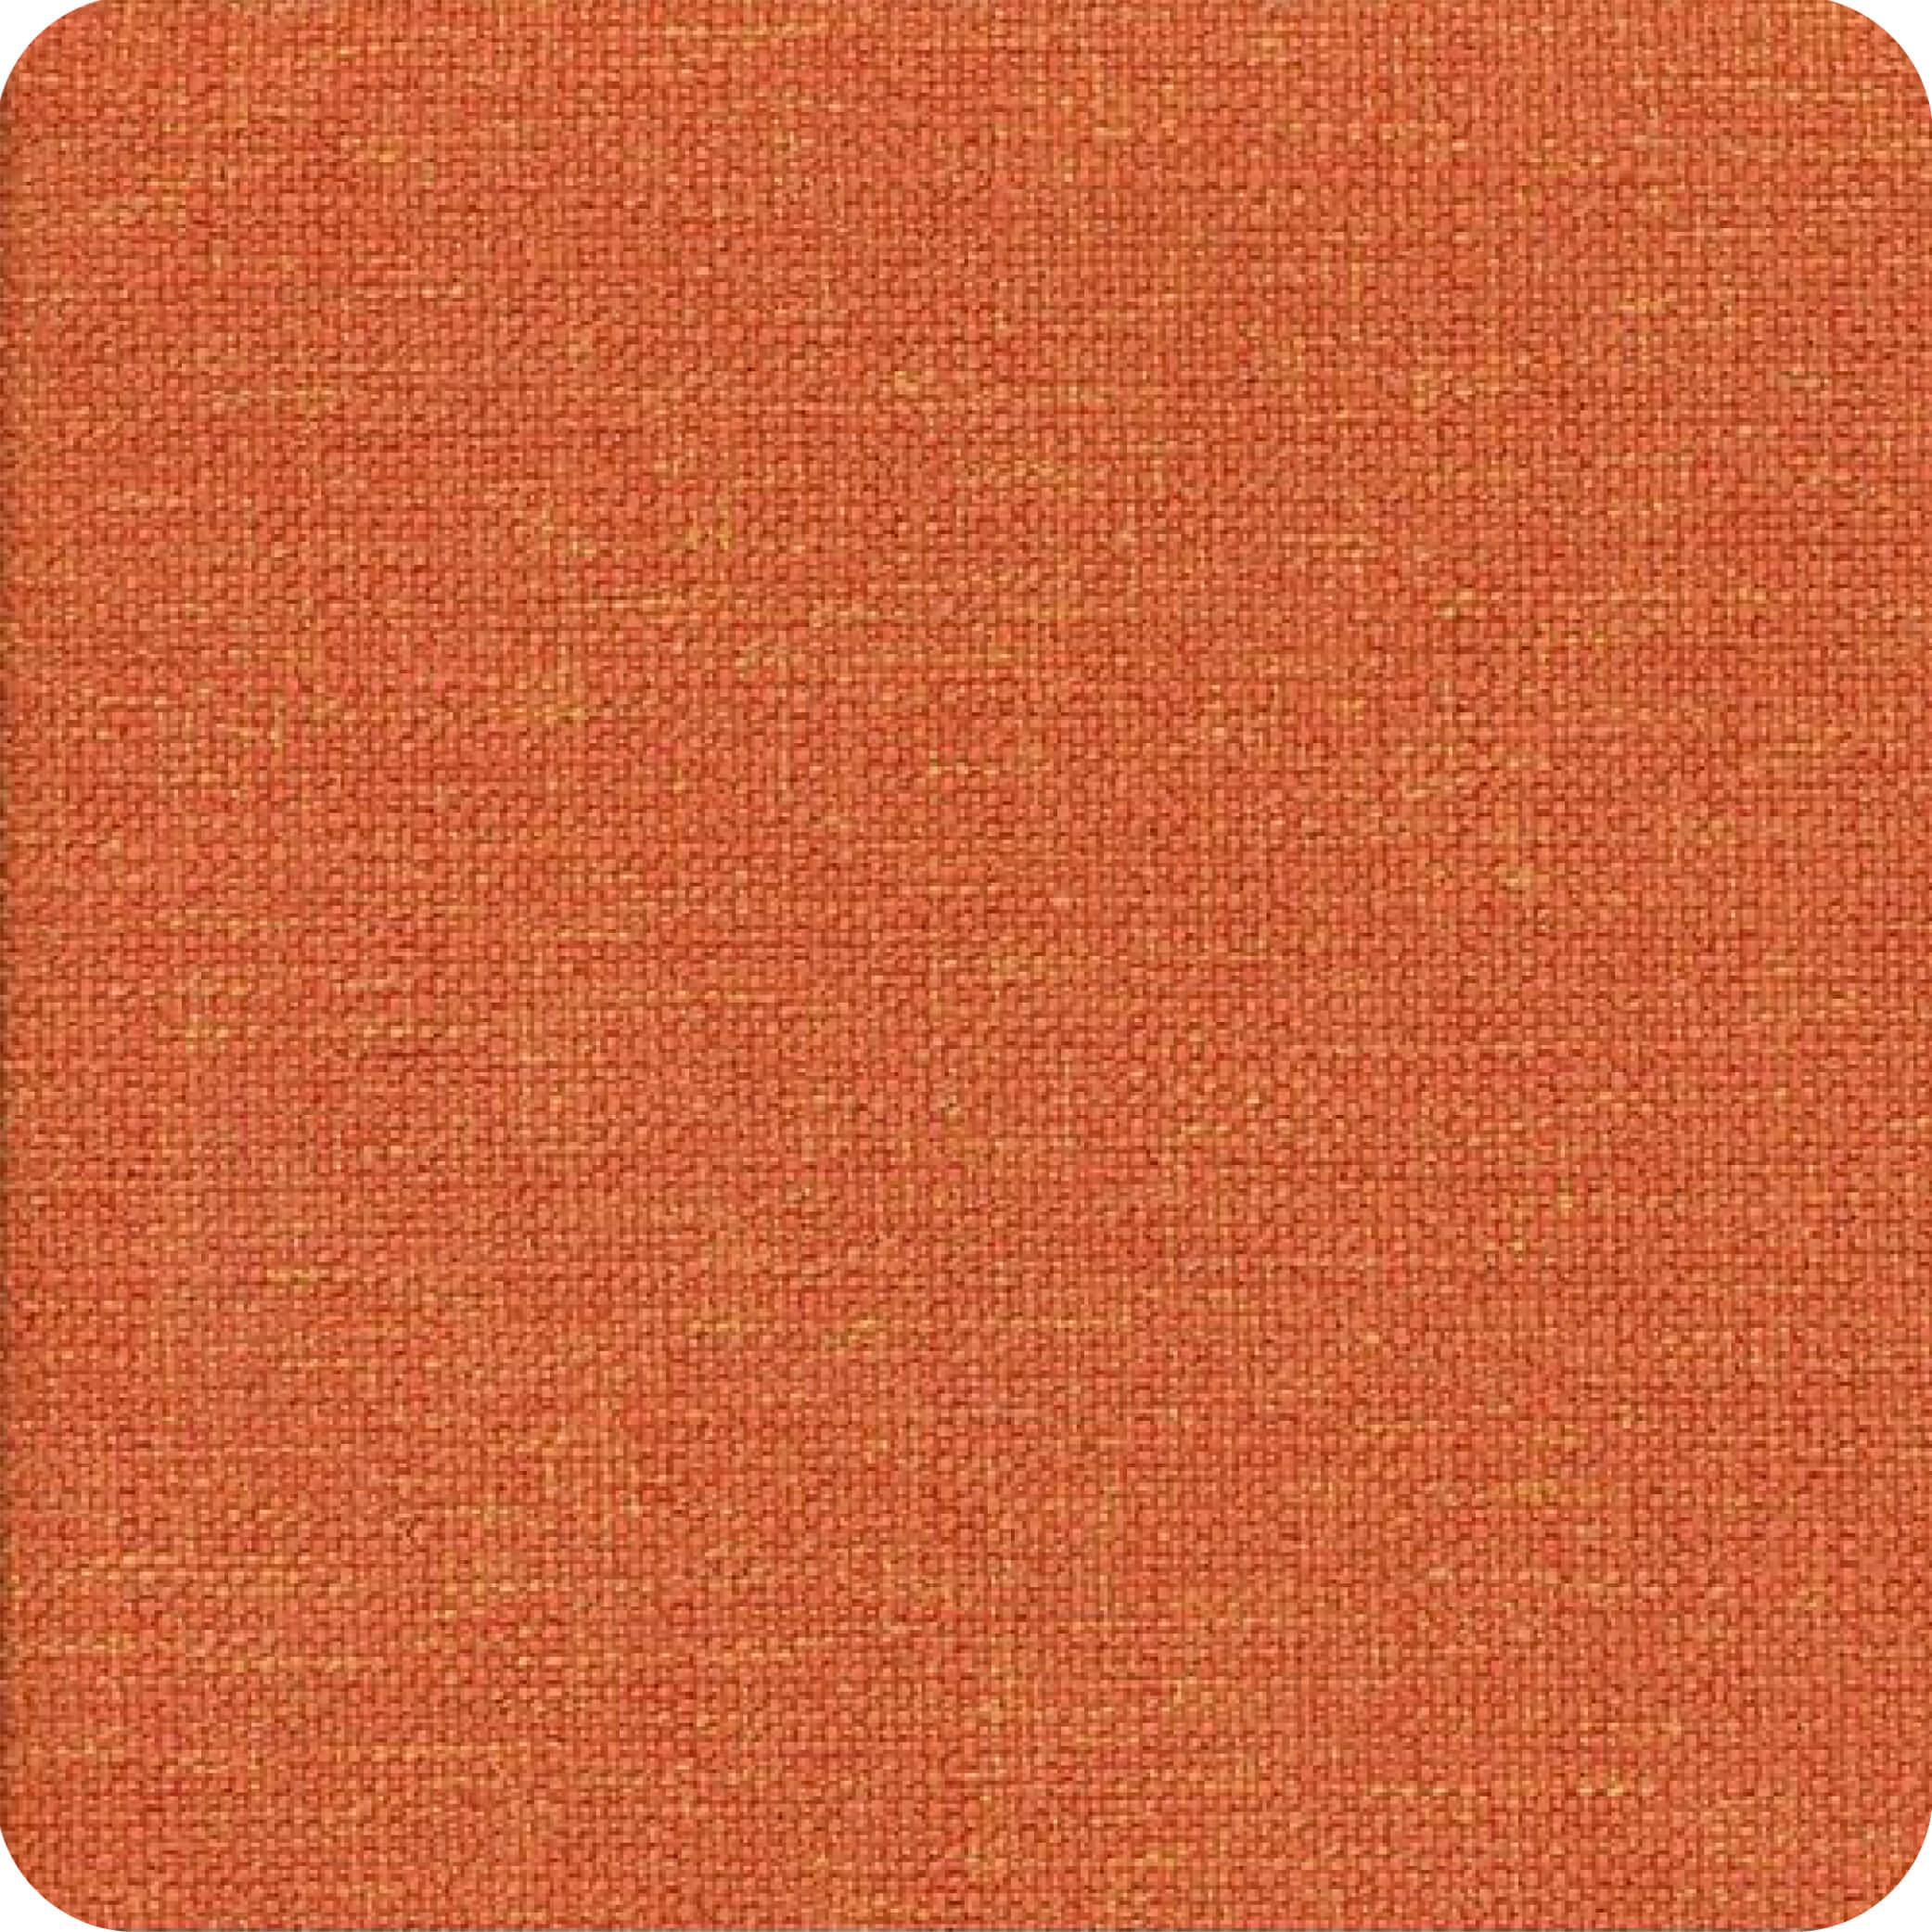 avfi-fabrics-fnb009